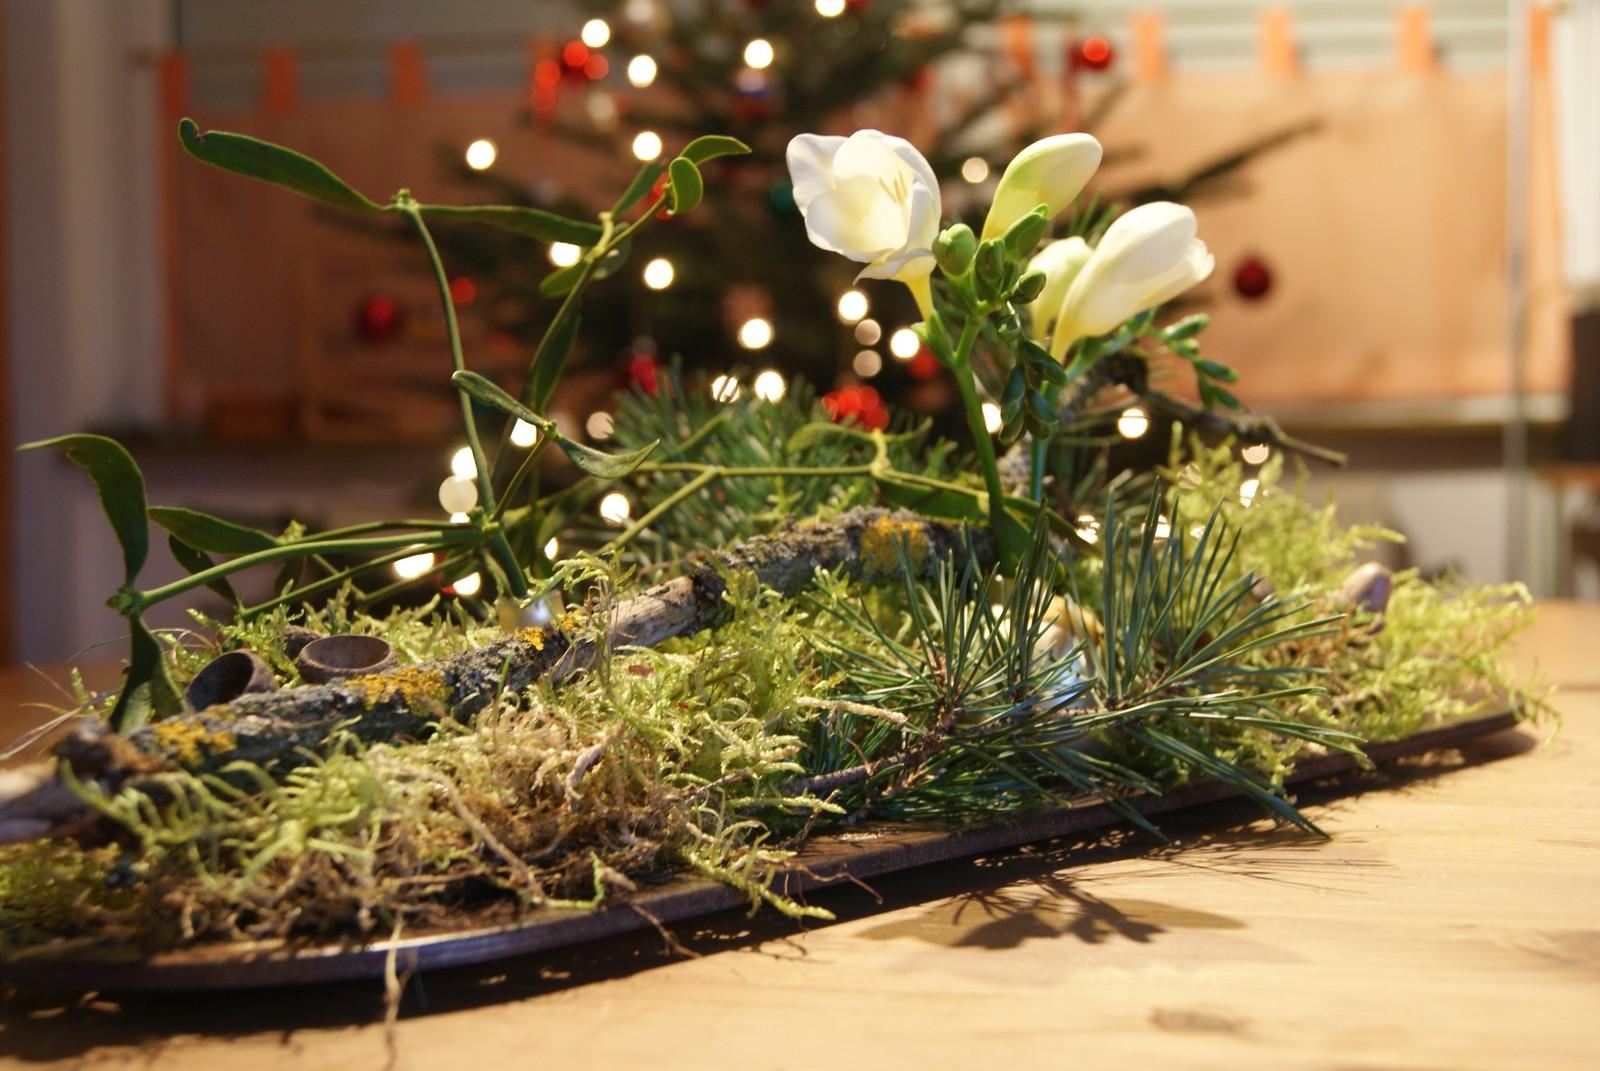 Filz und garten gartenblog winterliche tischdekoration Tischdeko im januar